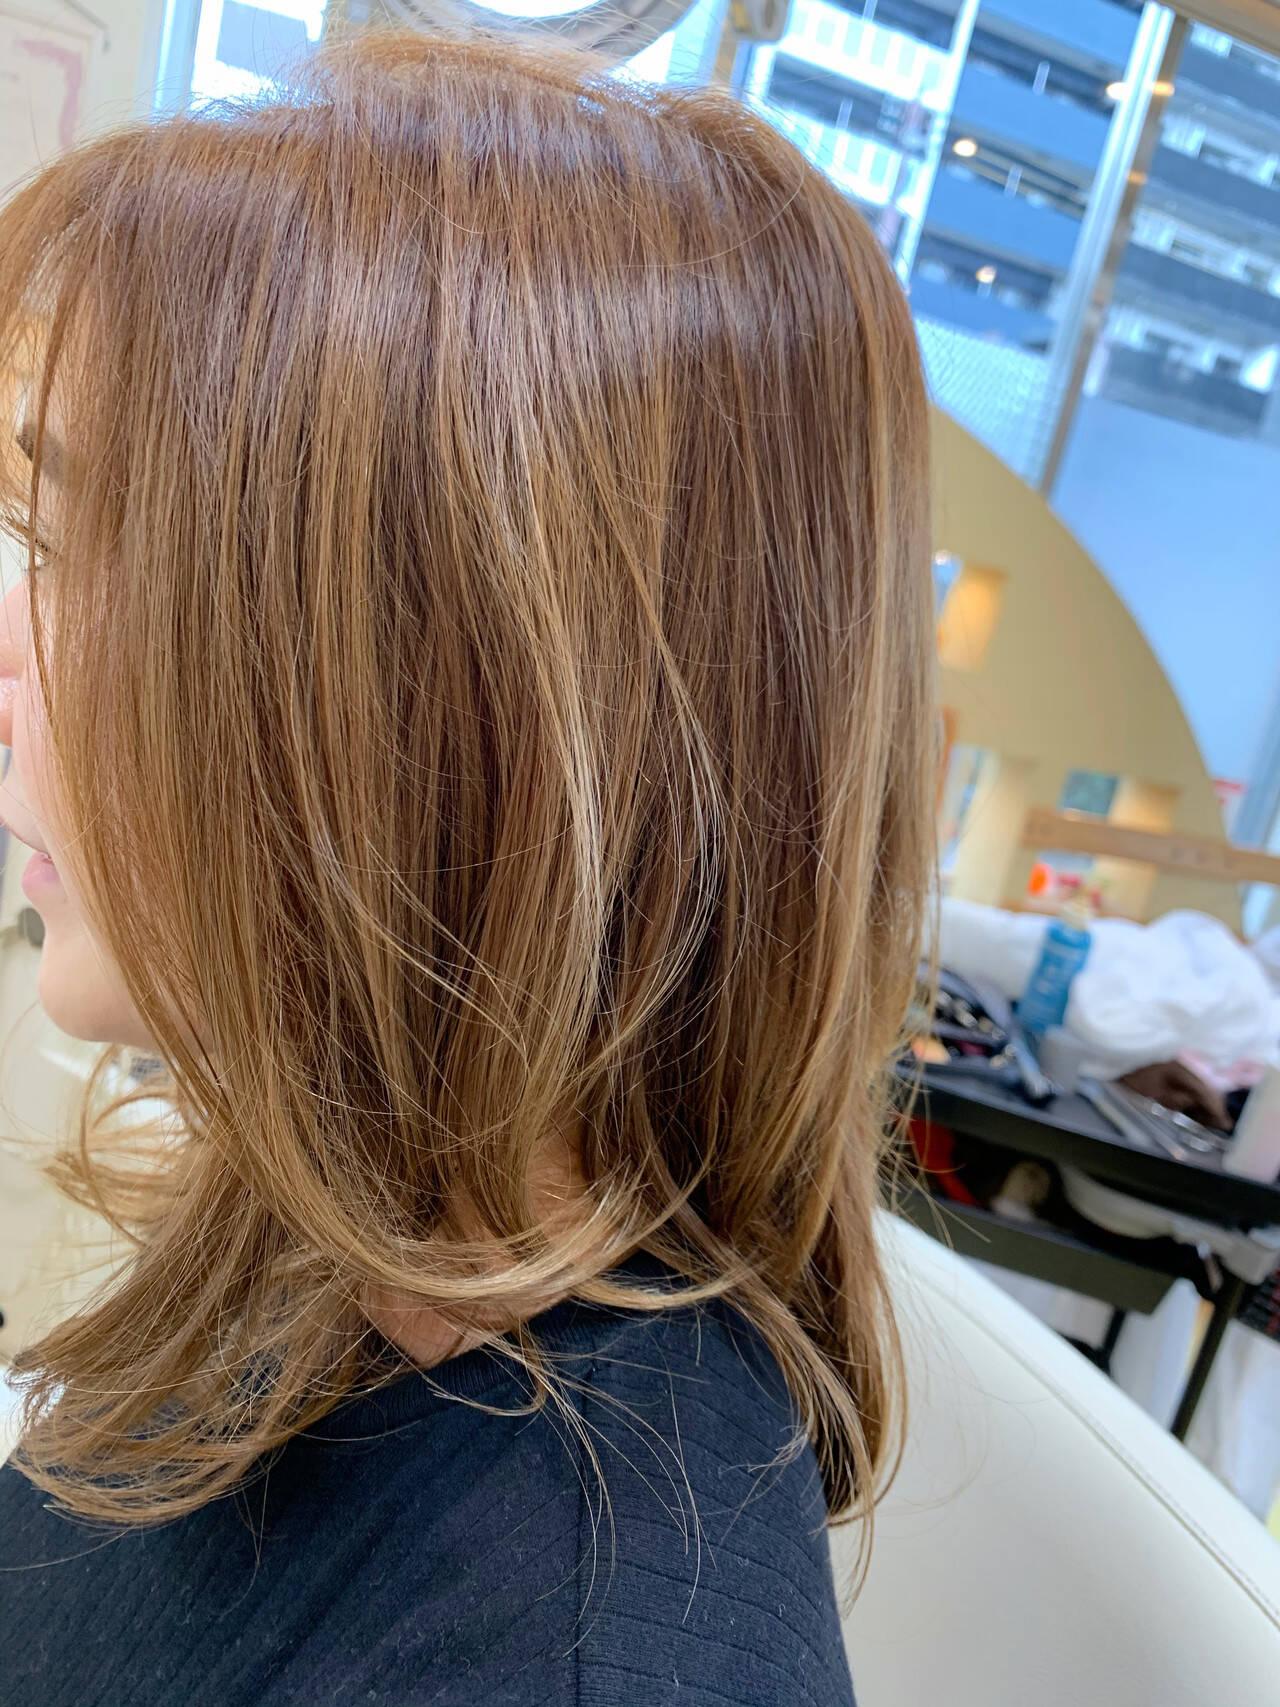 ベージュ バレイヤージュ セミロング デザインカラーヘアスタイルや髪型の写真・画像